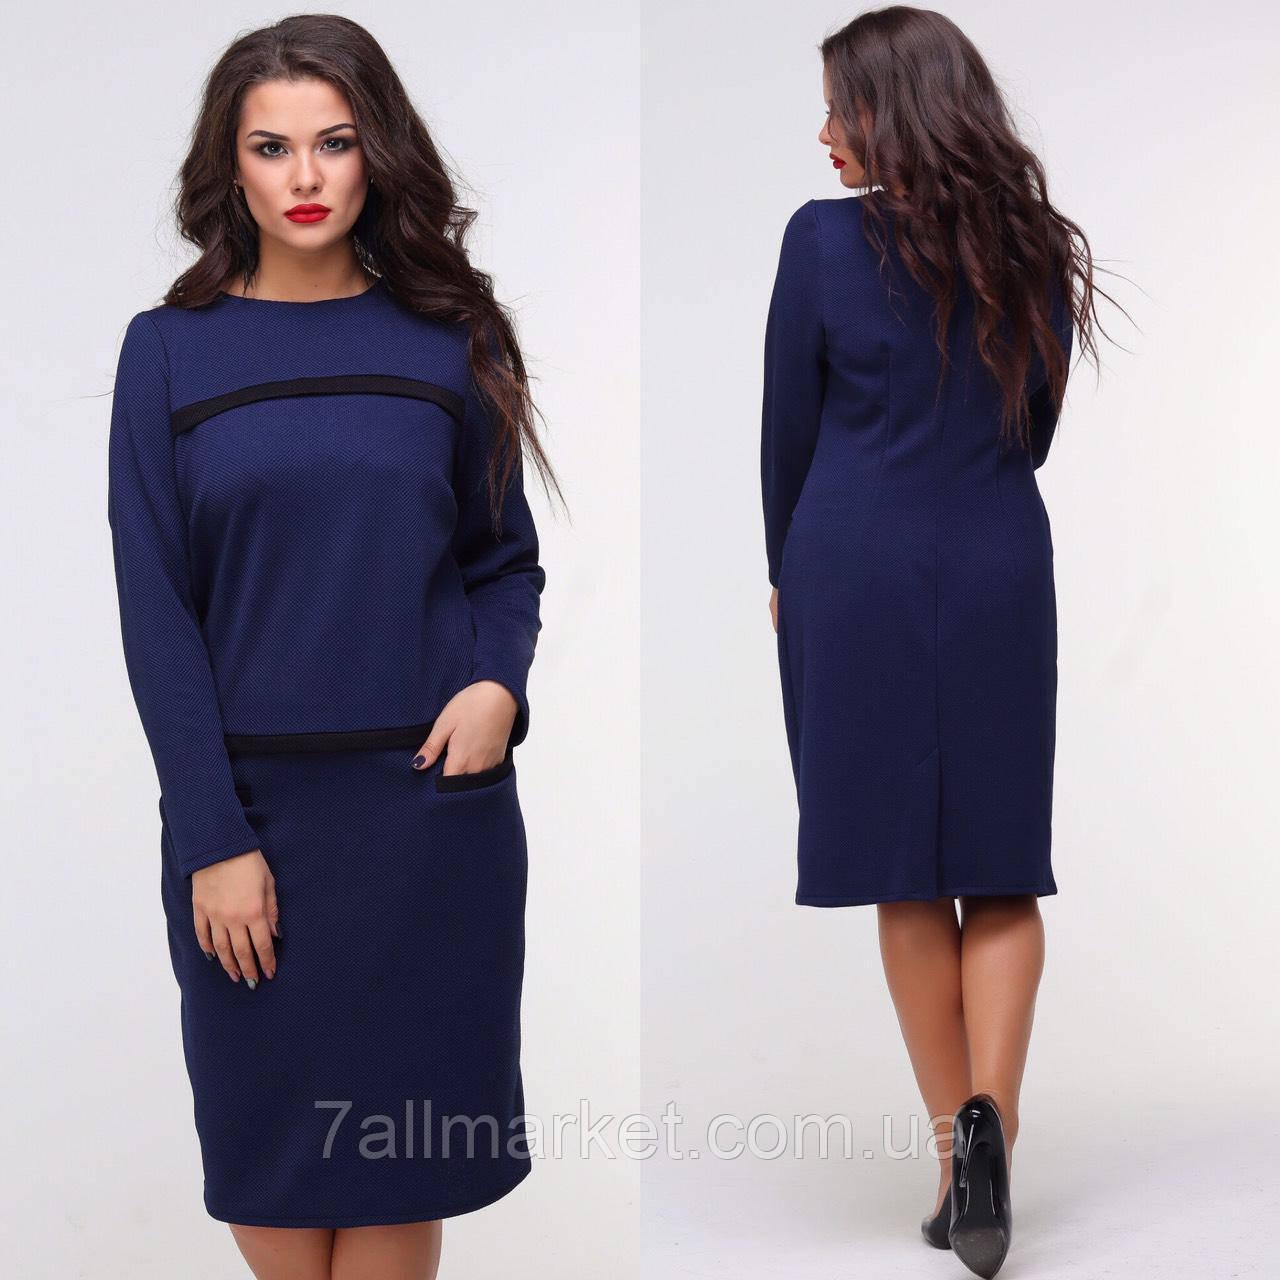 7c460fed920 Платье женское полубатальное размеры 50-56 (2цветов) Серии